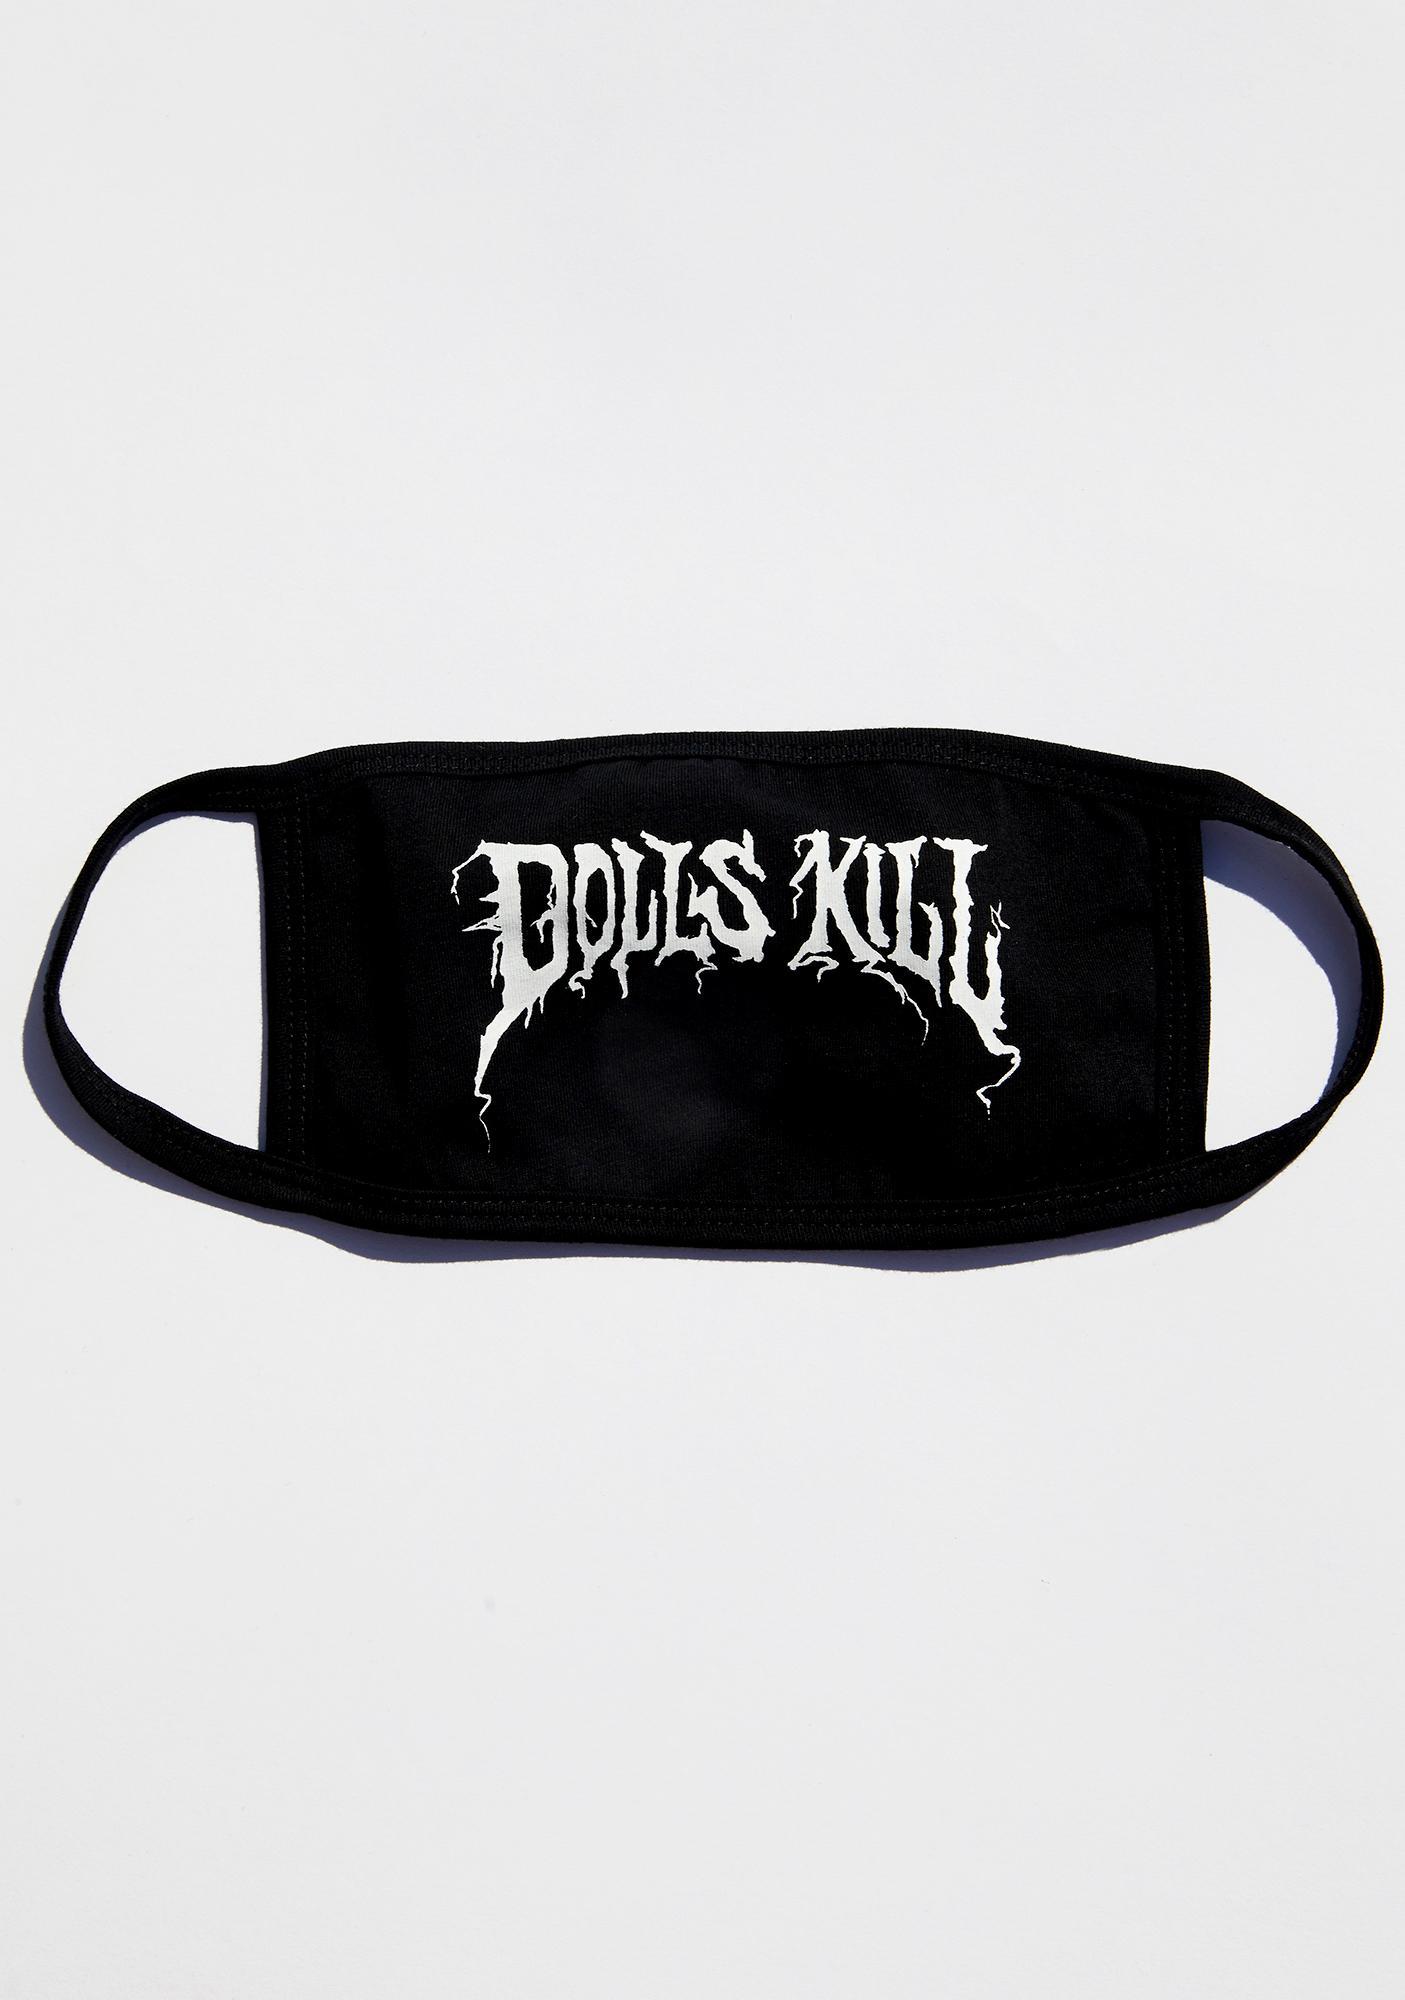 Dolls Kill Branded Face Mask